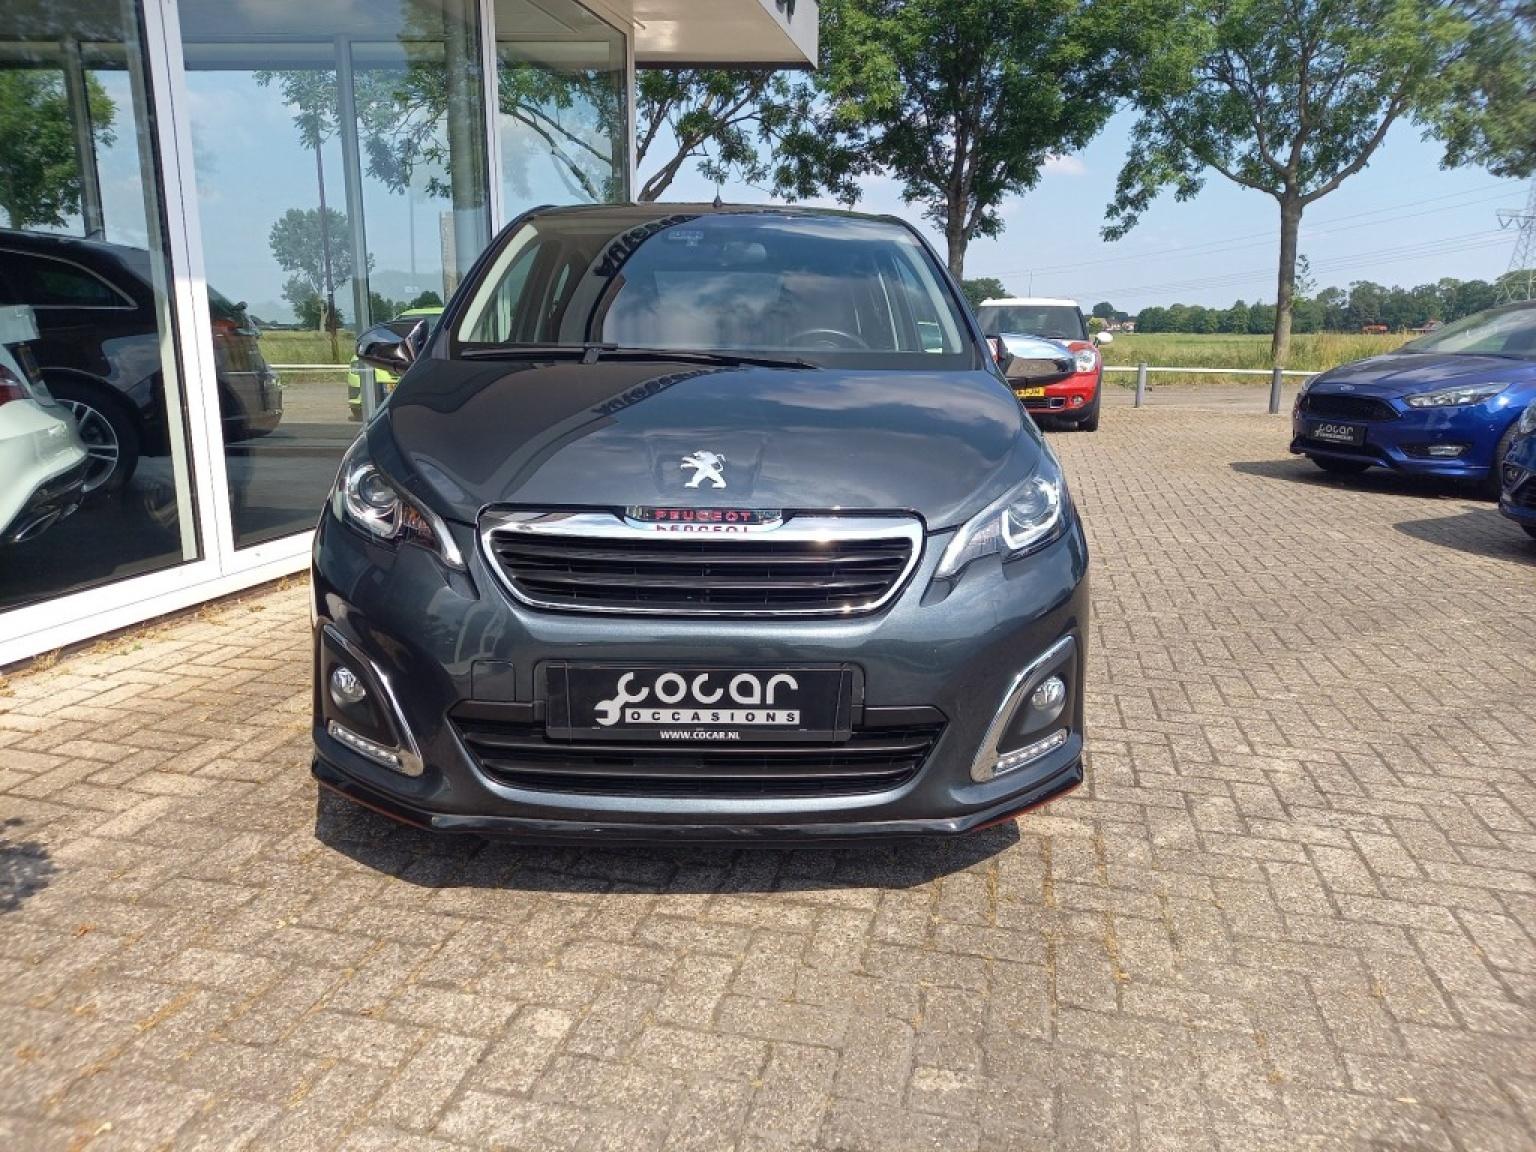 Peugeot-108-4